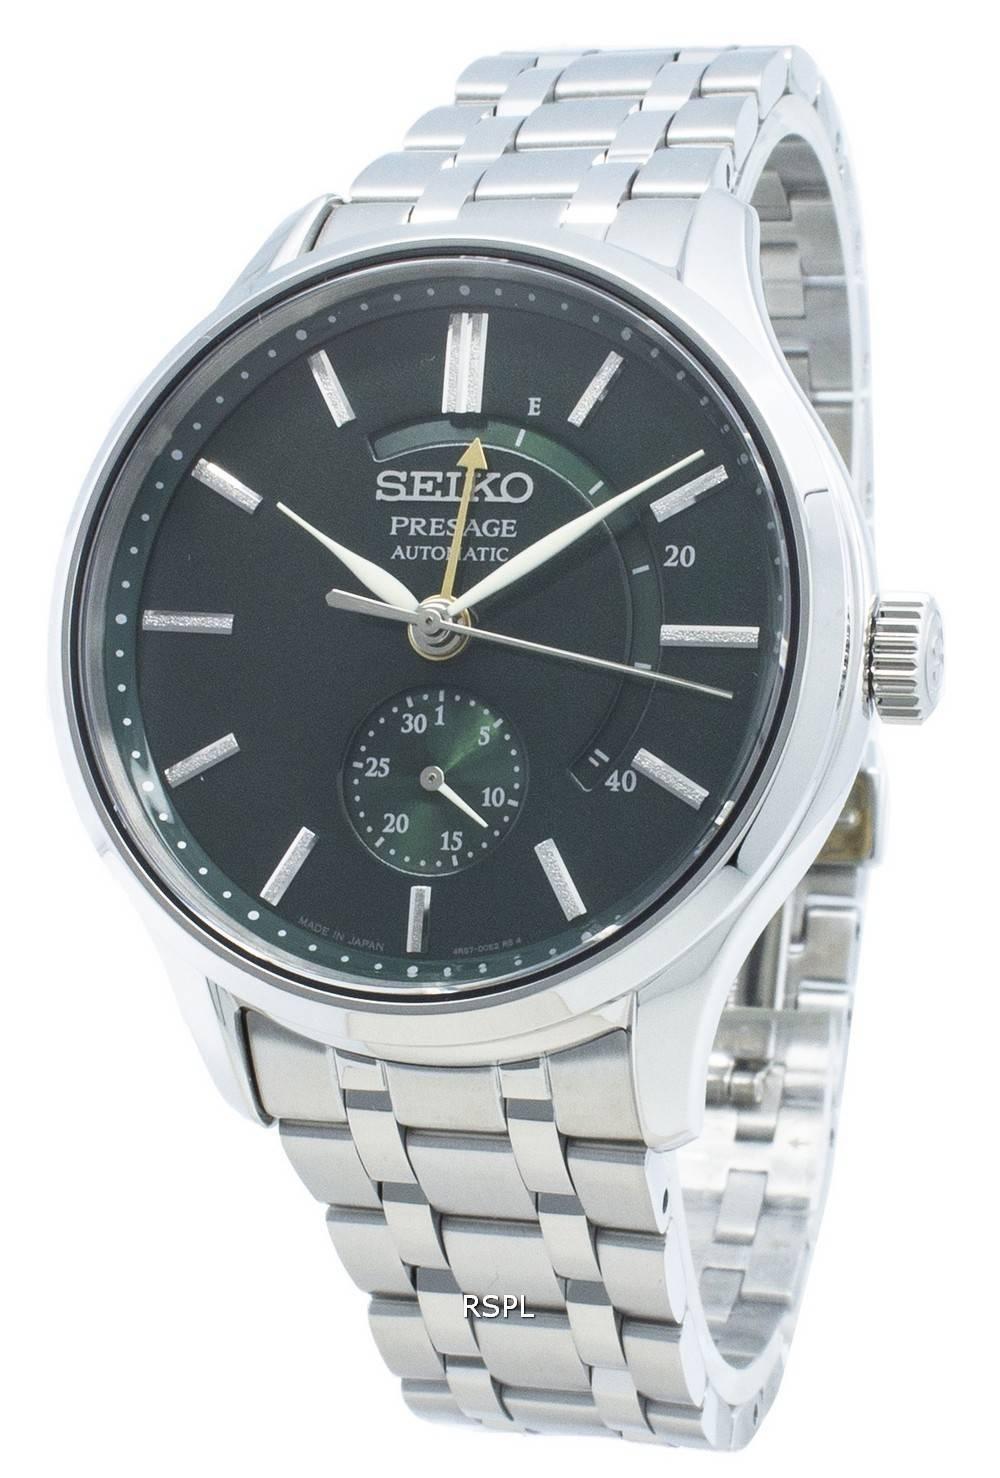 Seiko Presage SARY145 automaattinen japanilainen miesten kello